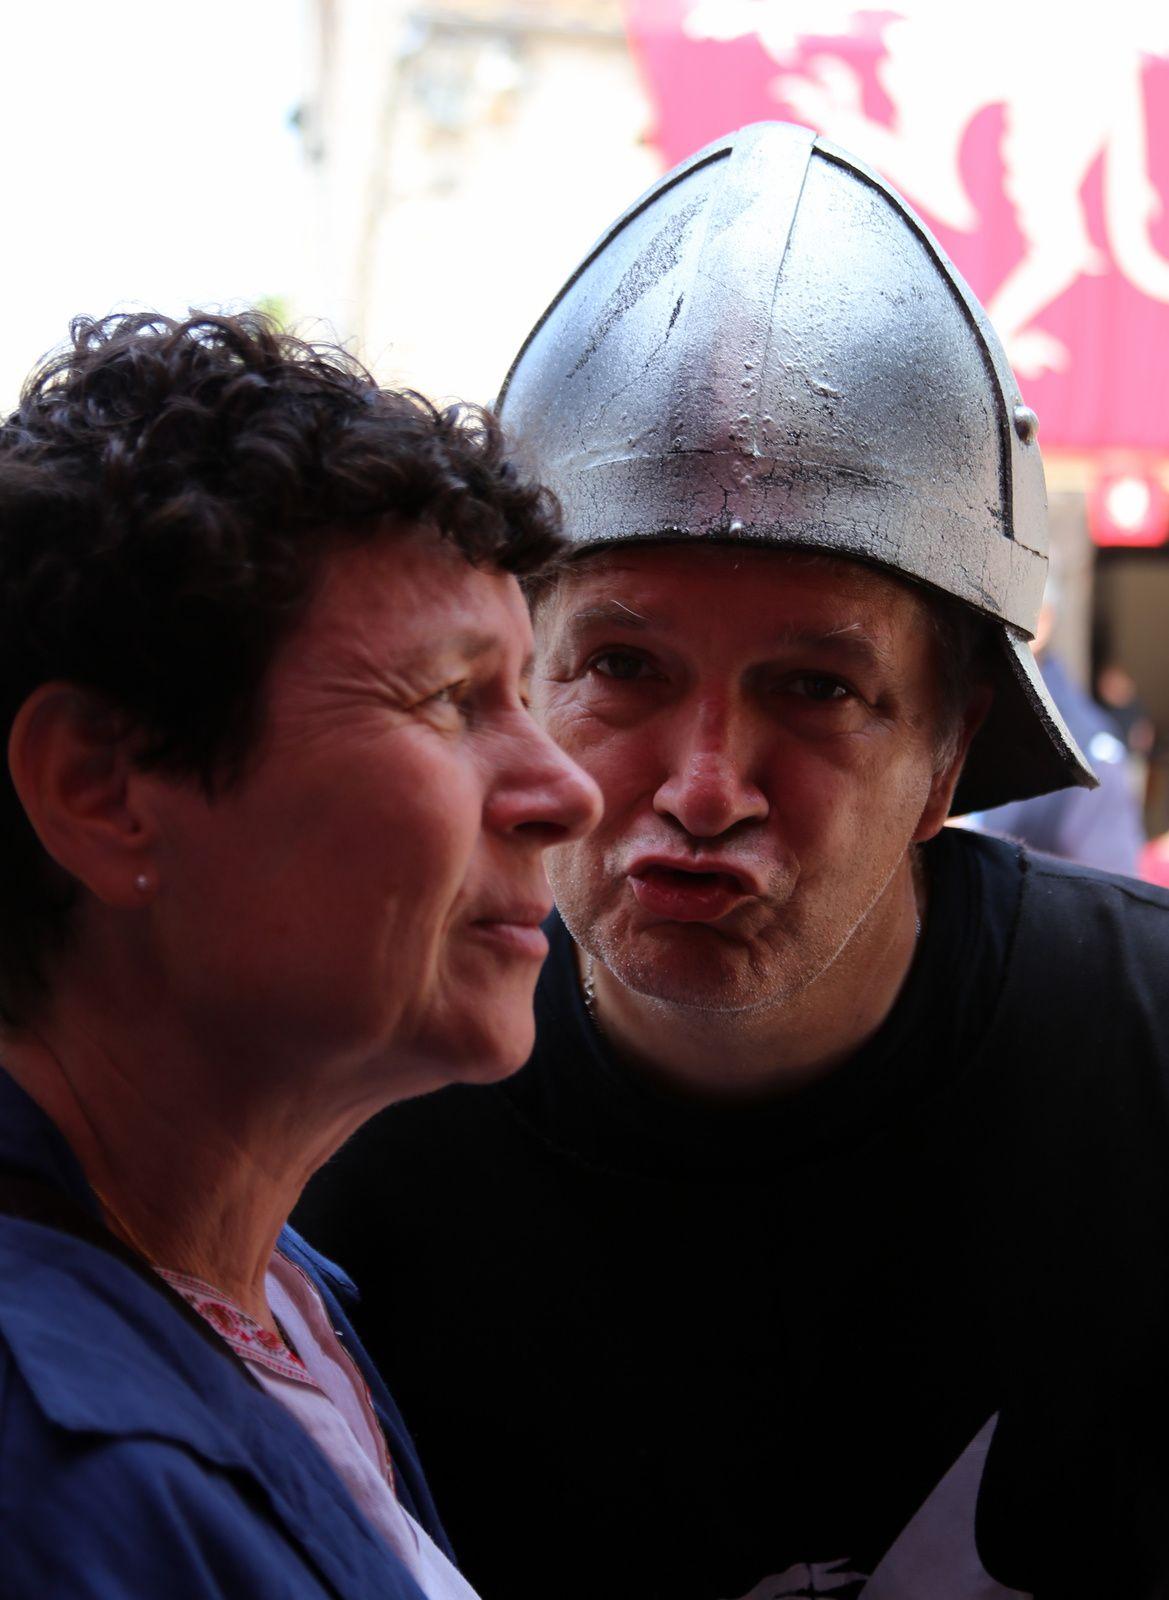 fête médiévale de janvry : quelques photos,mieux que de longs discours